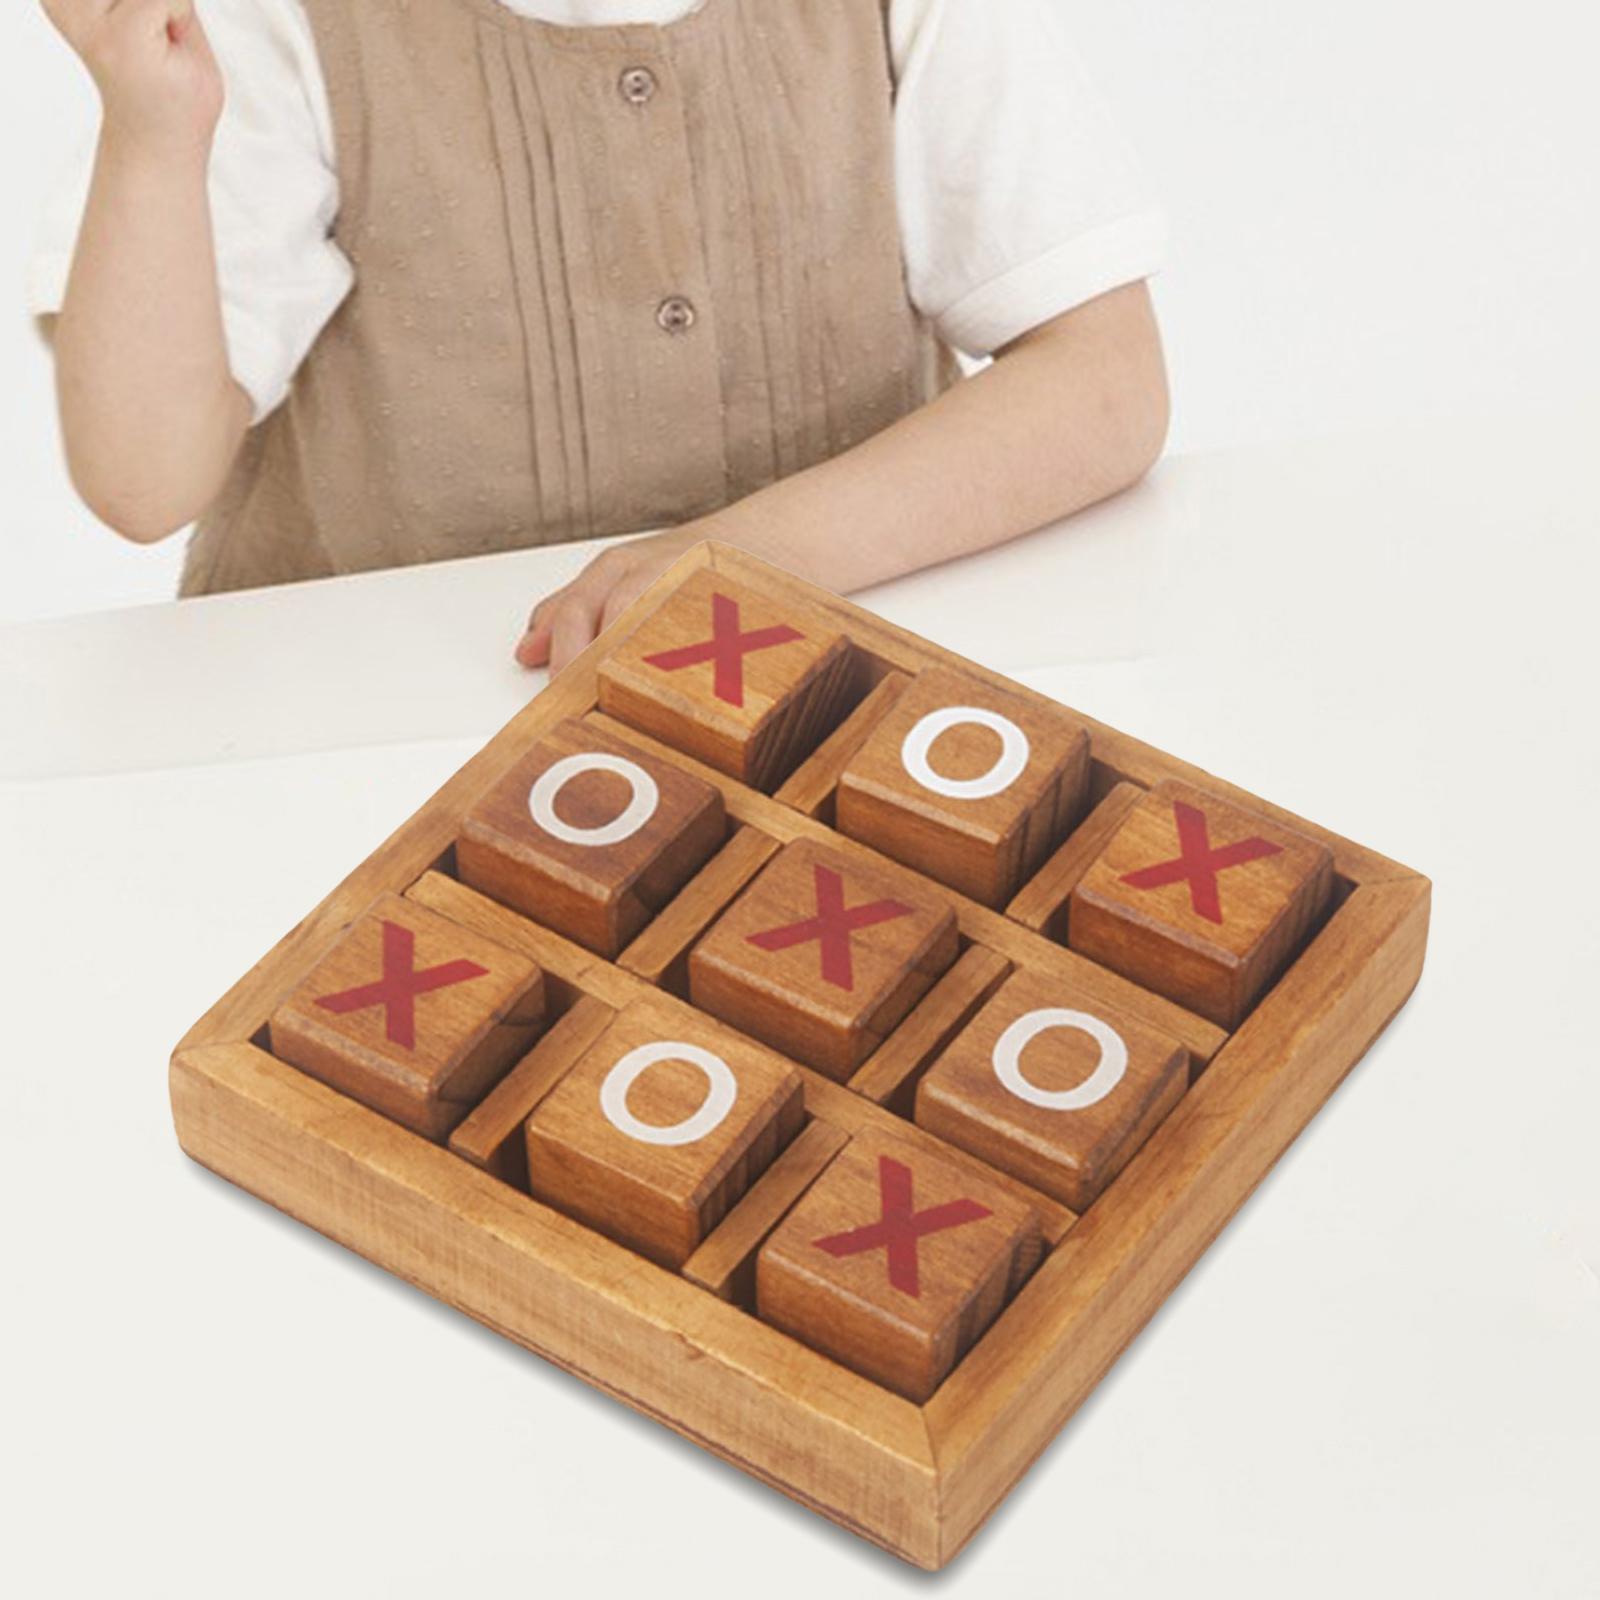 miniatura 4 - Di legno Tic Tac Toe/ Noughts e Croci Gioco Gioco di Famiglia Giochi Da